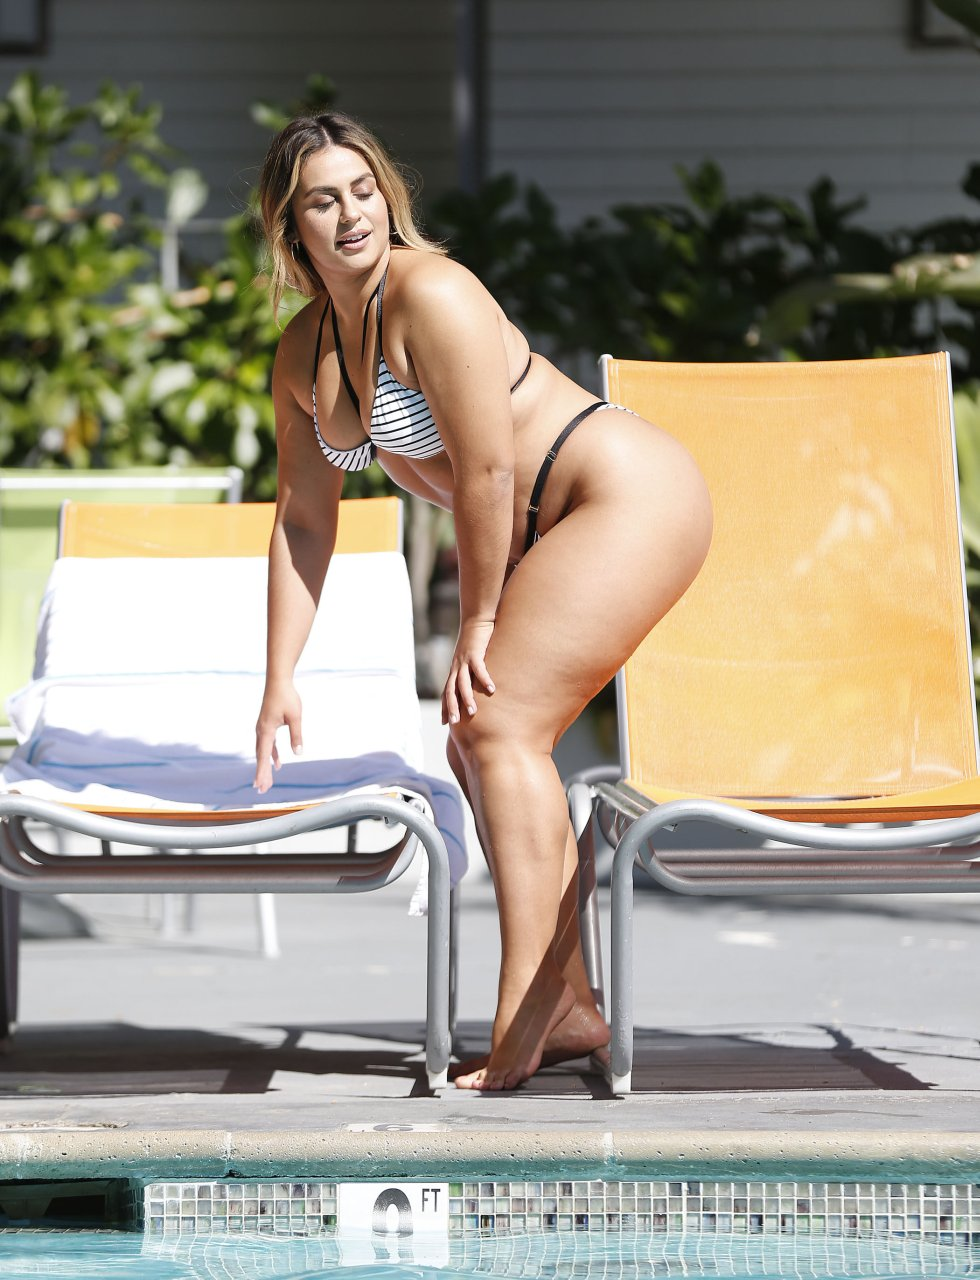 Sexy Nicola Parry naked (81 photos) Paparazzi, 2018, legs